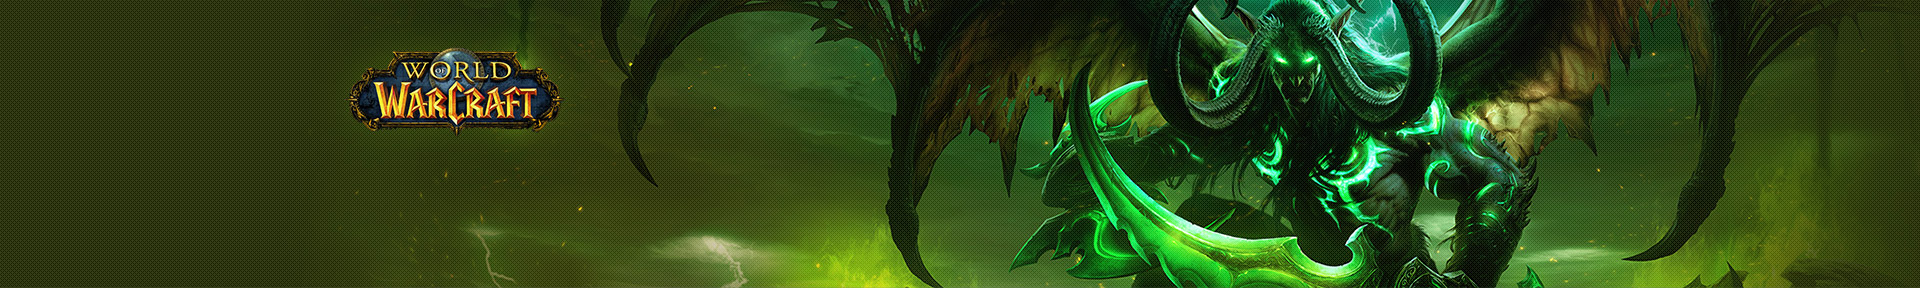 World of Warcraft Gold EU